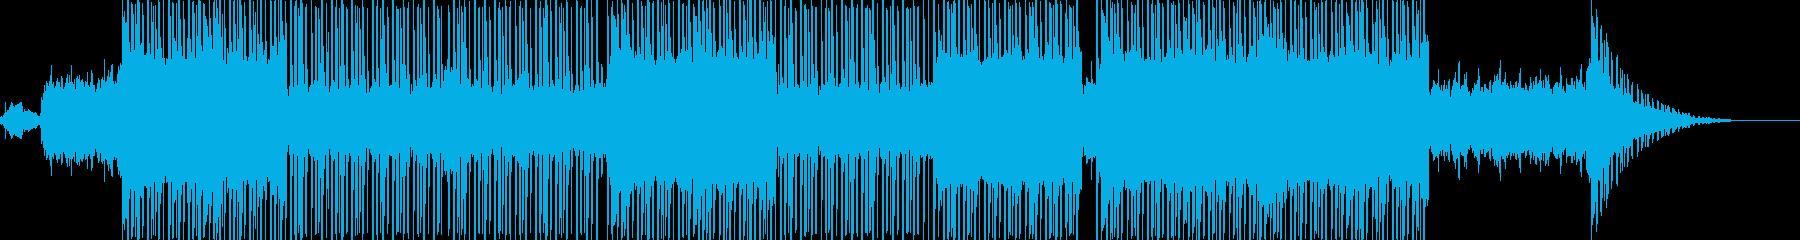 2000年代初期のニューヨークのヒ...の再生済みの波形